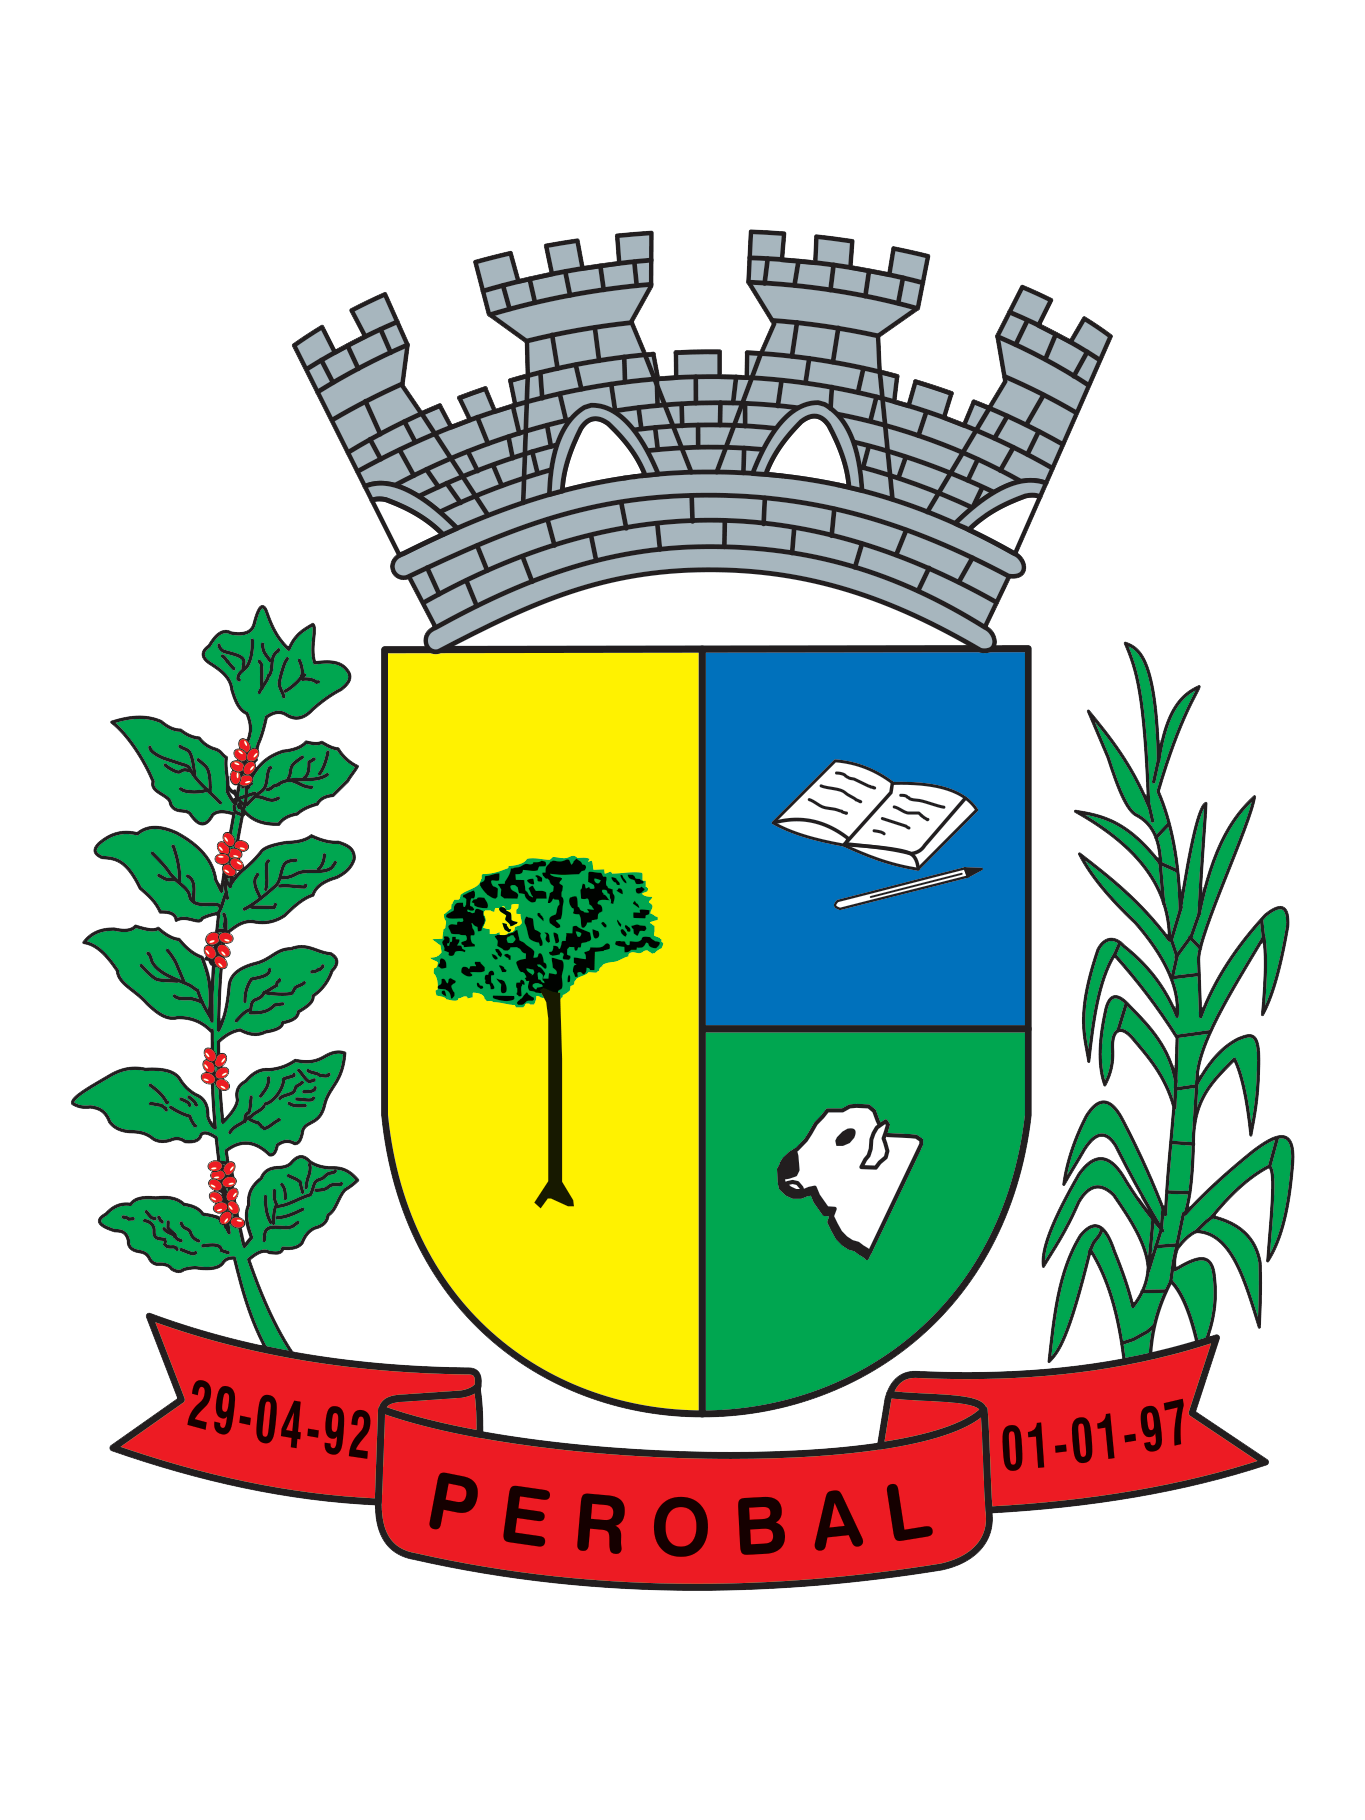 Prefeitura do Munic�pio de Perobal